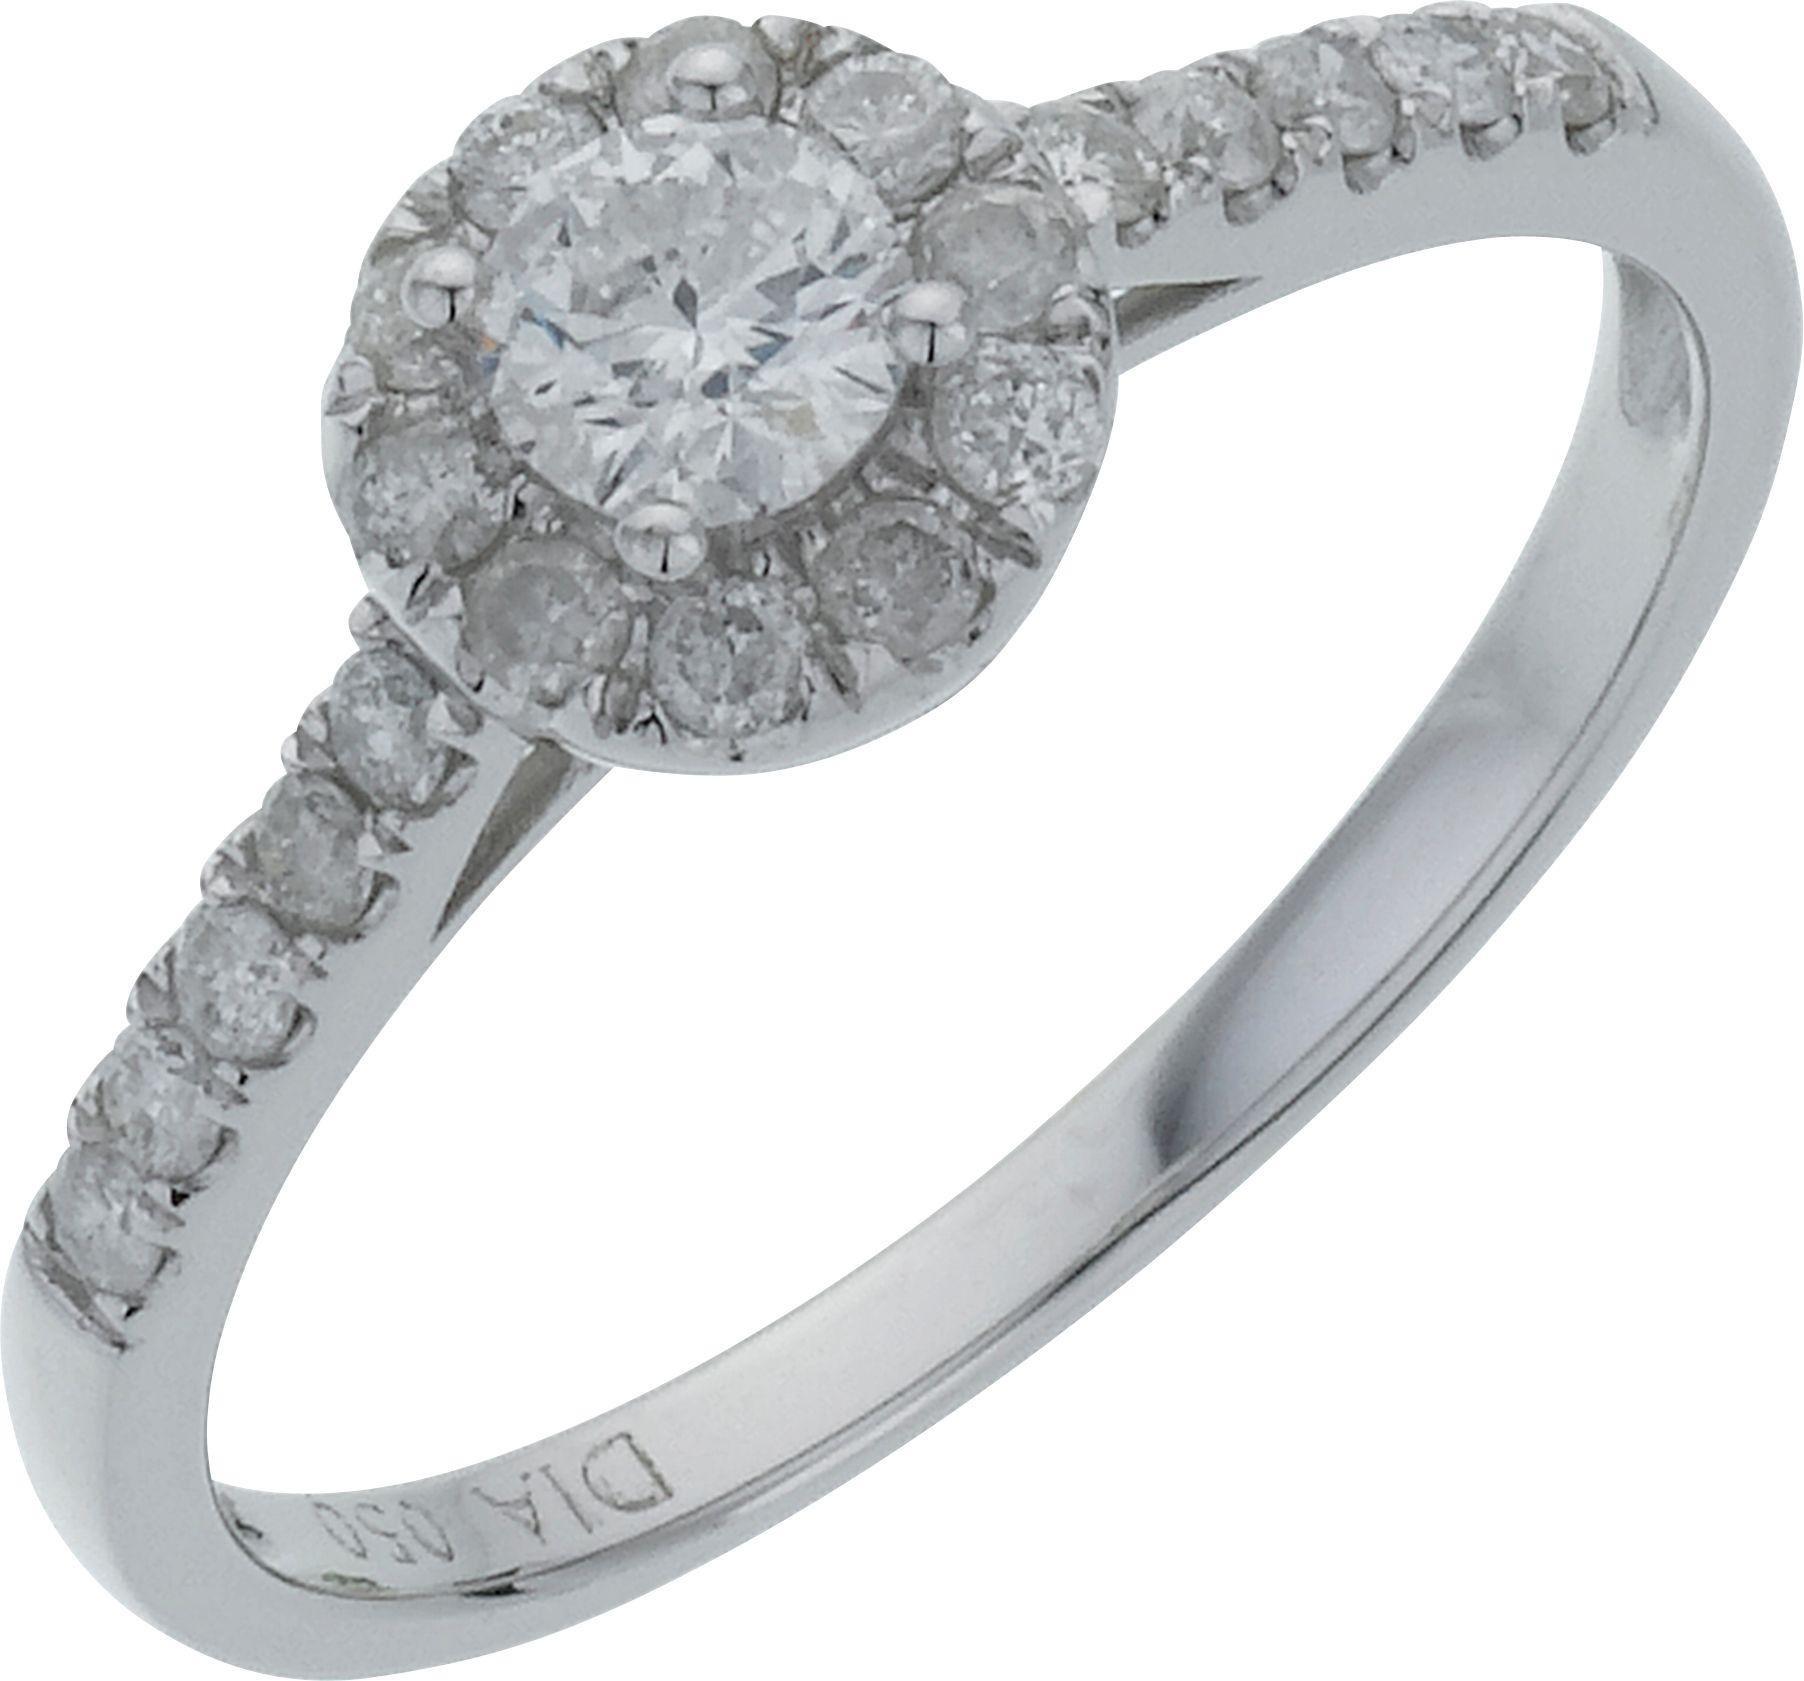 18ct White Gold Round Diamond Halo Ring - Size O